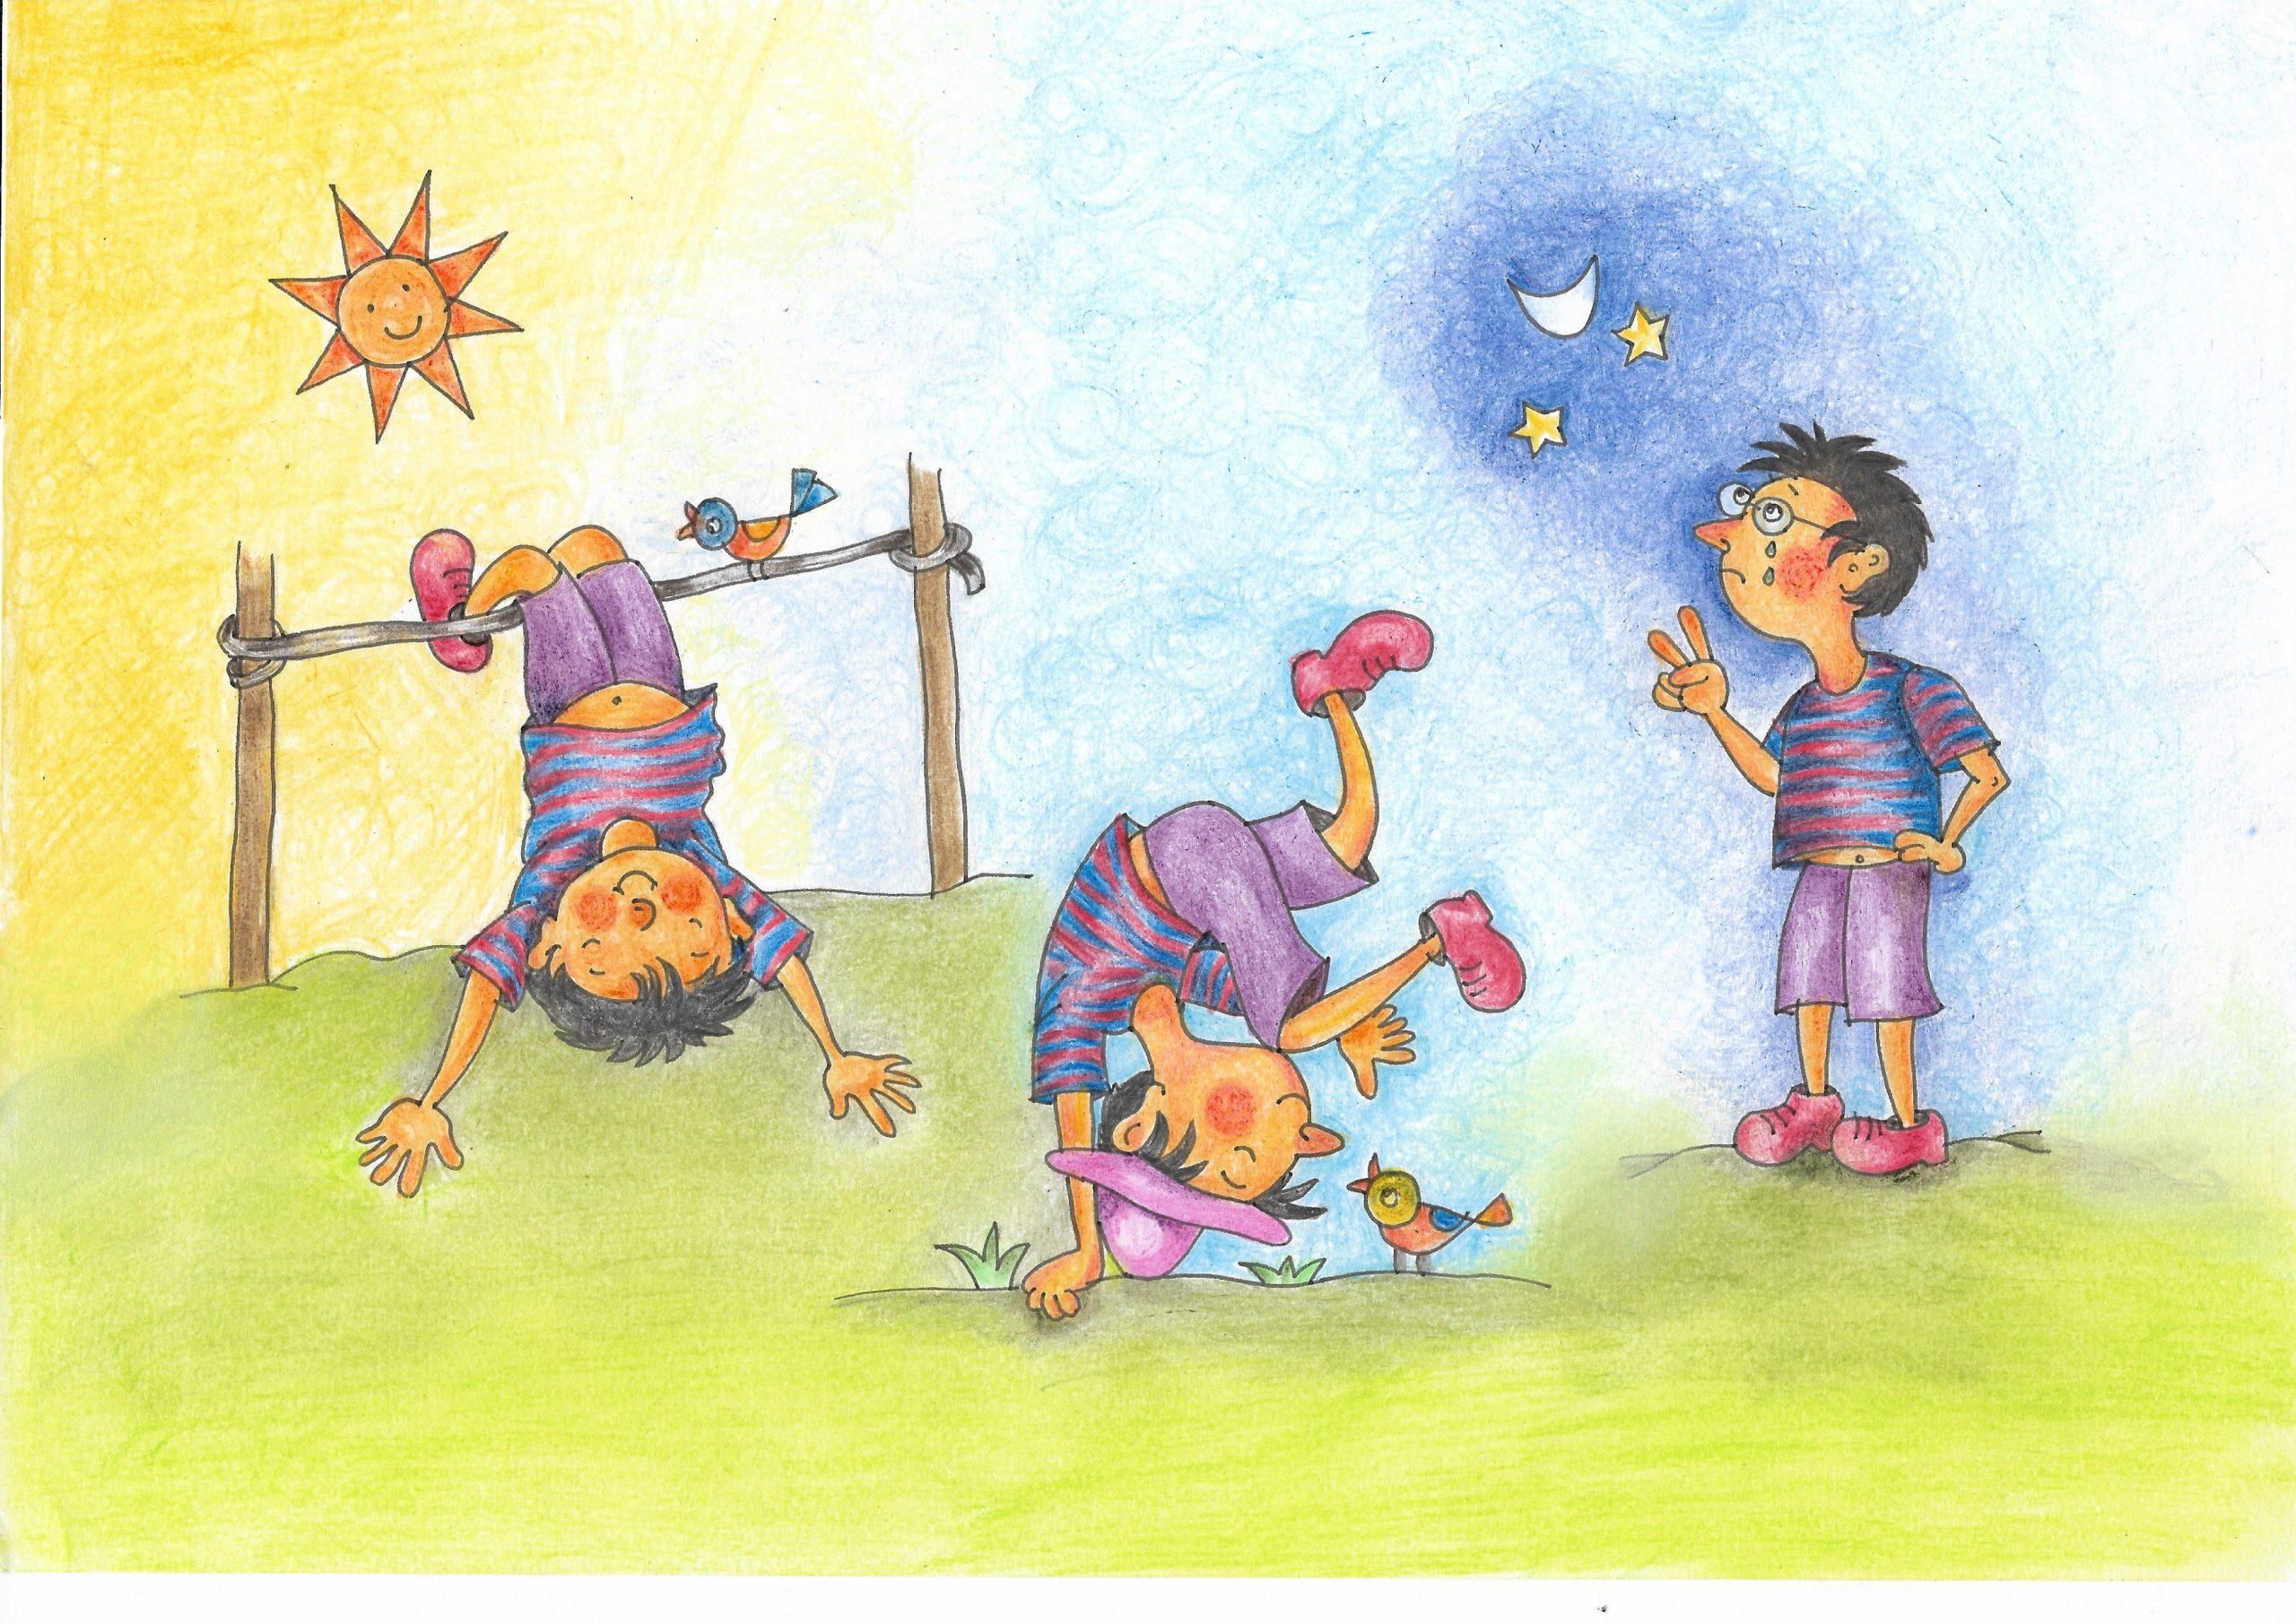 গুপ্তিপাড়ার গুপি Paramita Dasgupta illustration